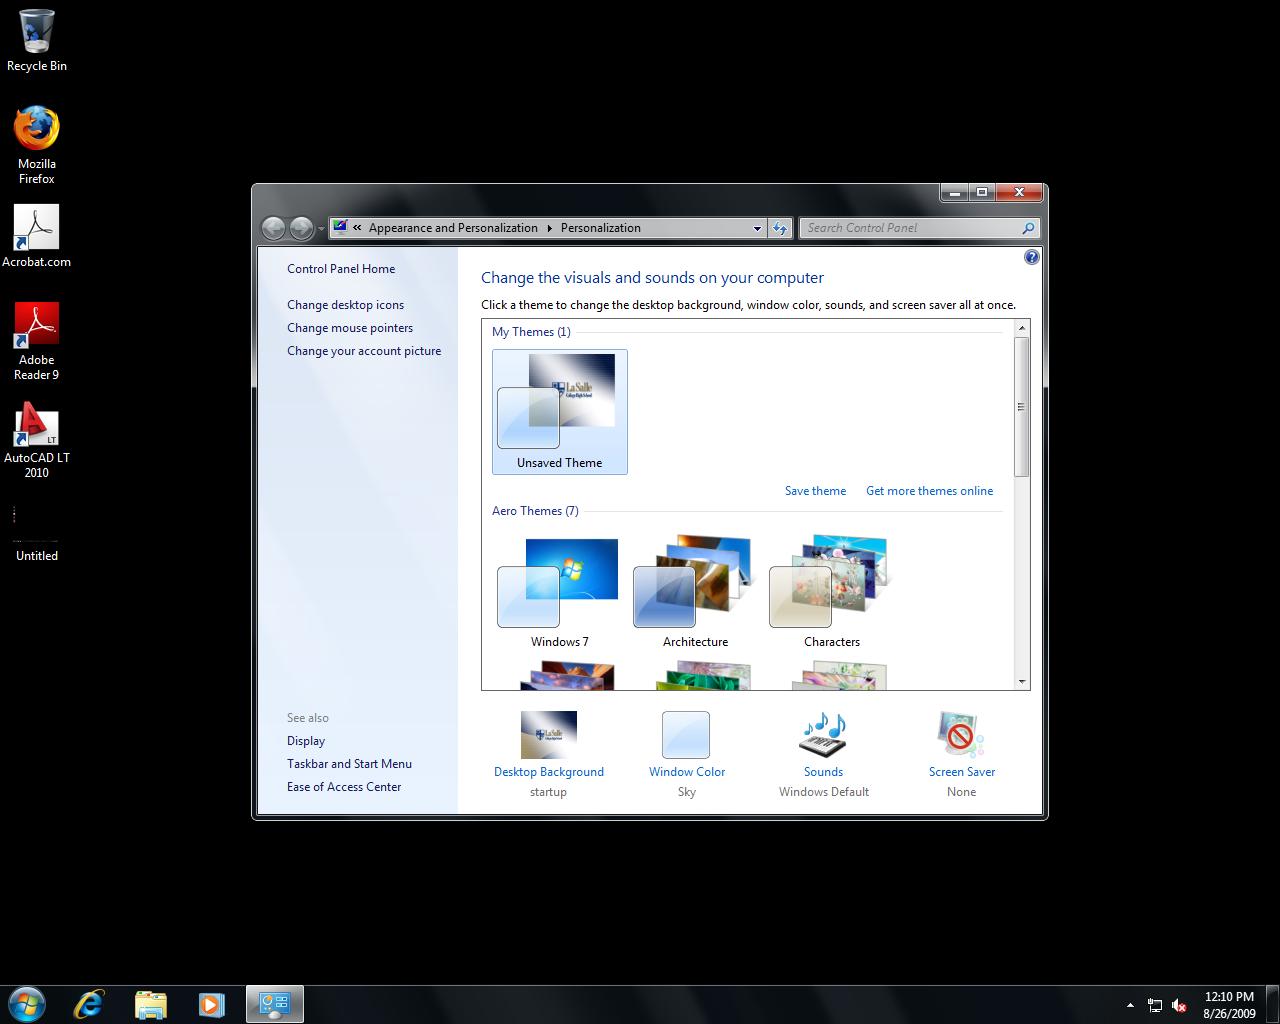 Windows 7 Desktop Background Cannot - HD Wallpaper